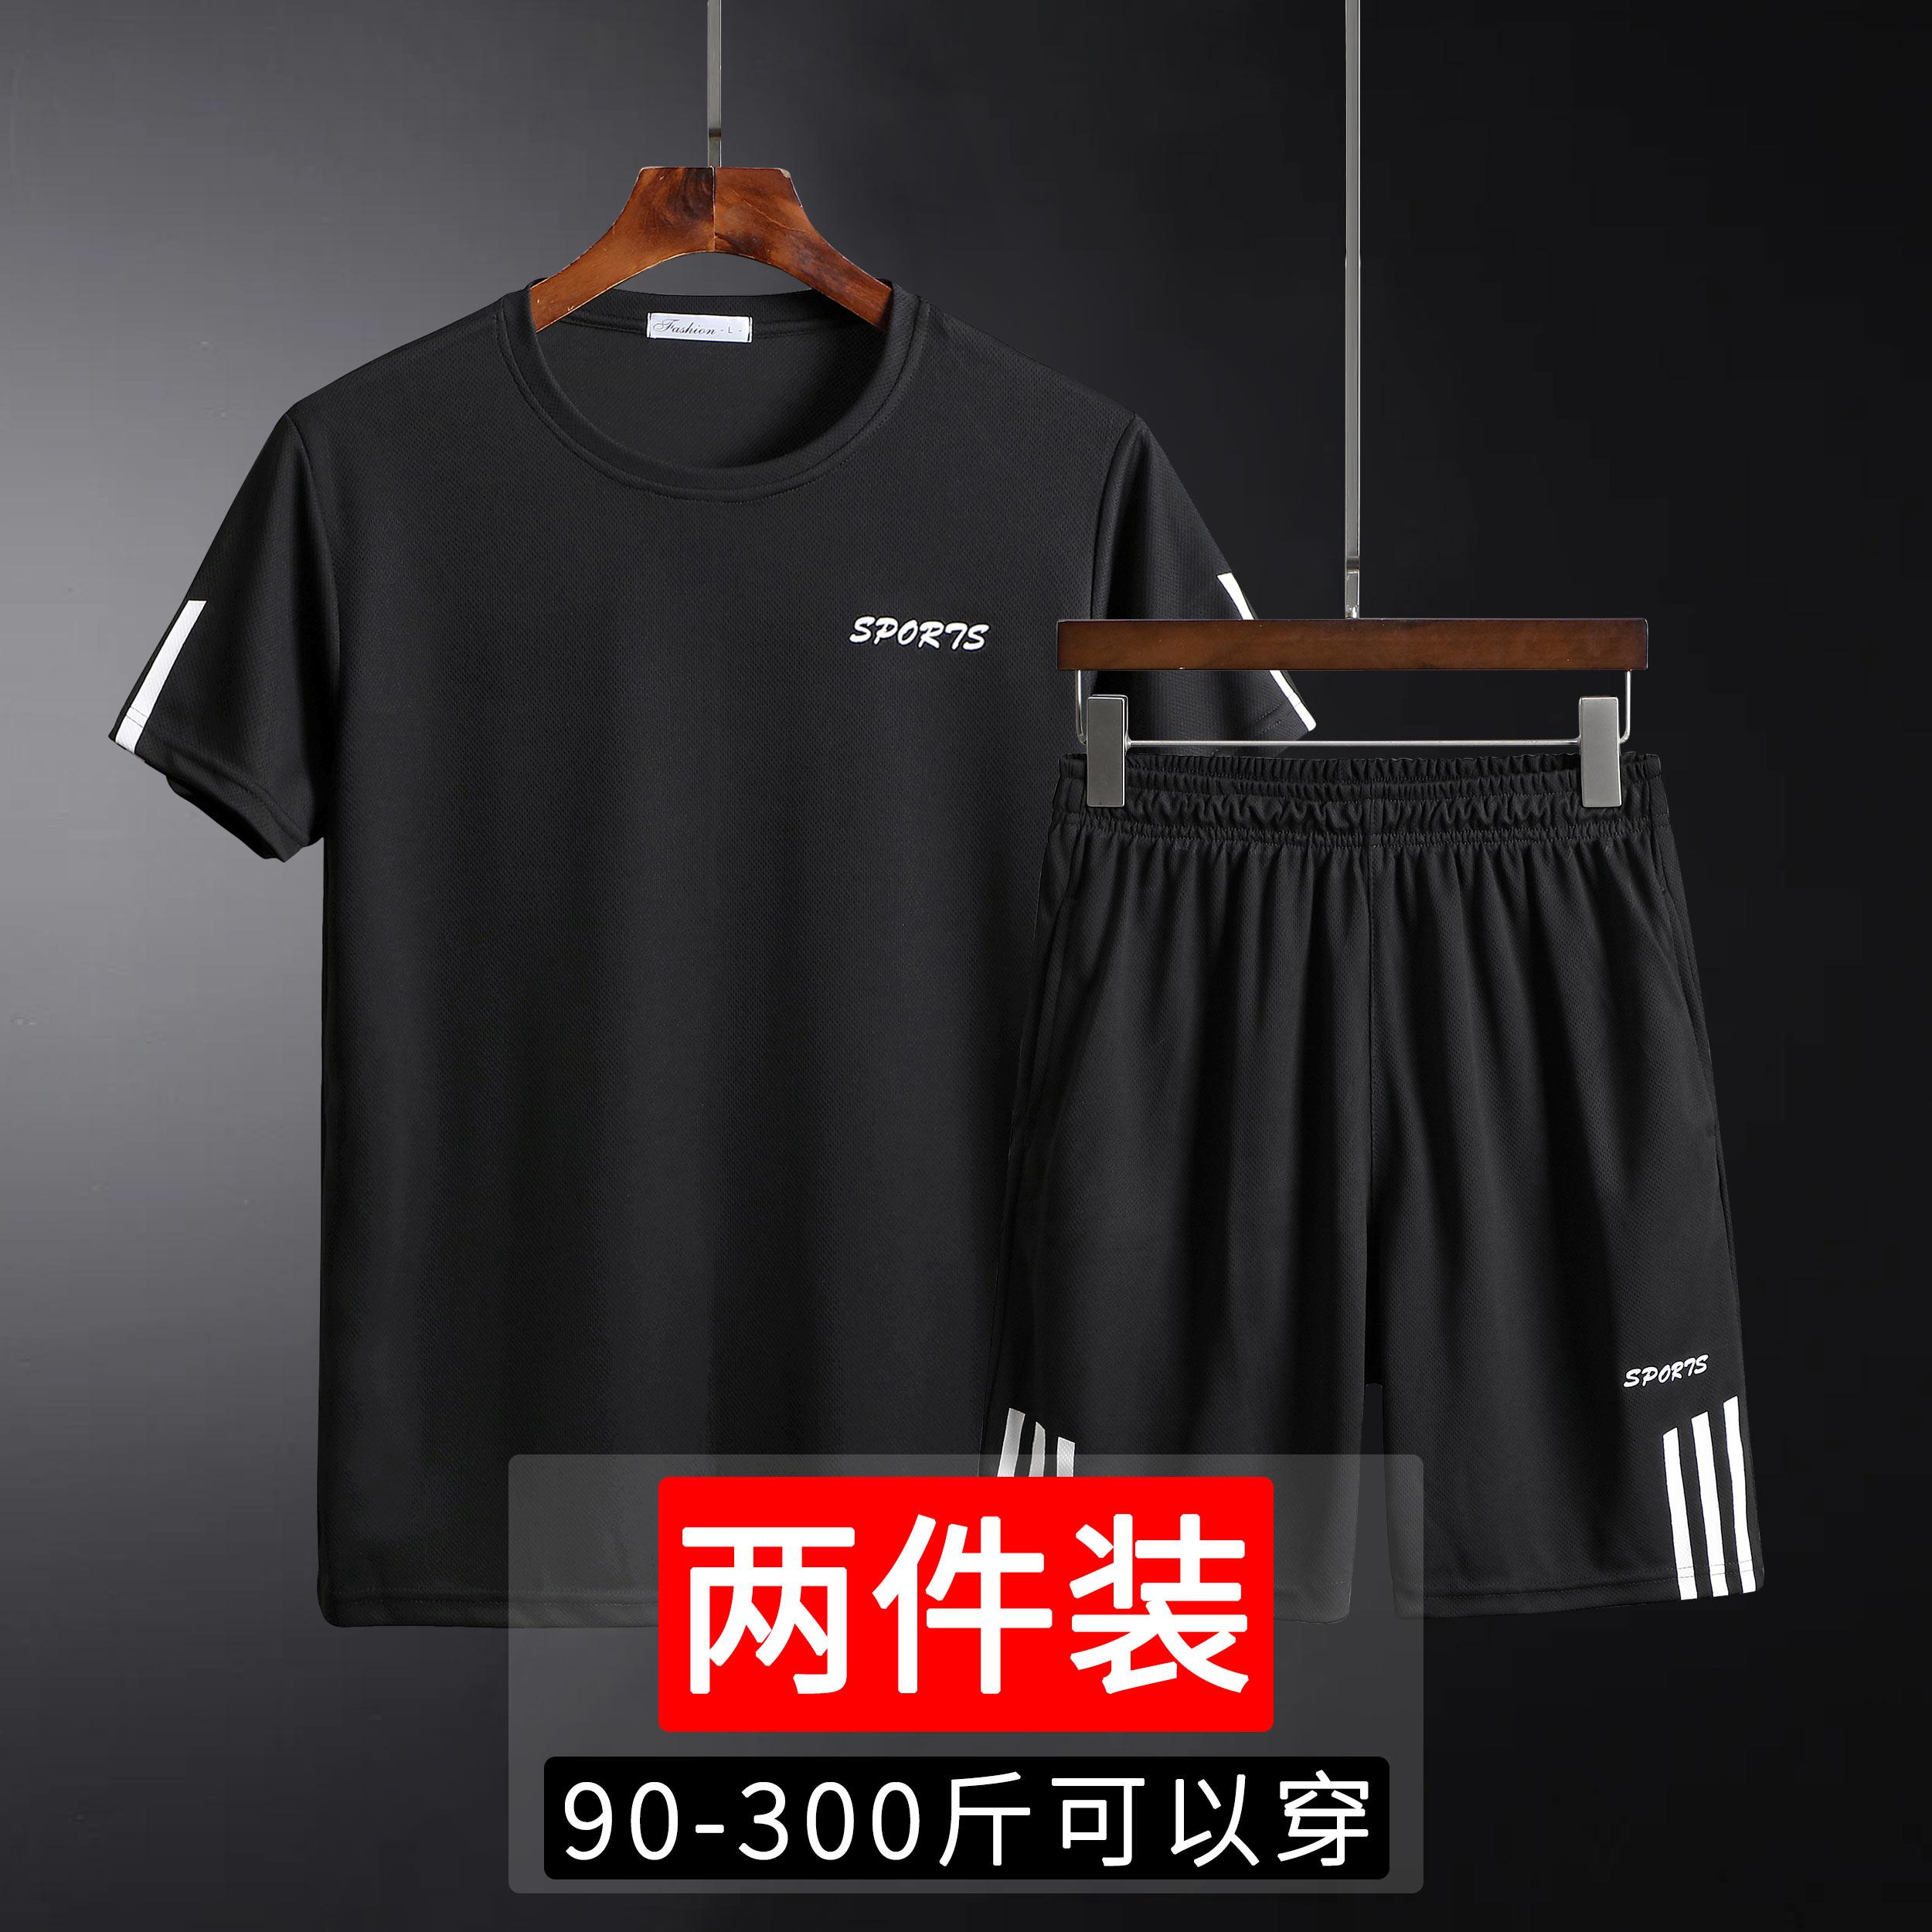 夏季速干运动套装男短袖t恤加肥加大码韩版潮流休闲一套衣服帅气